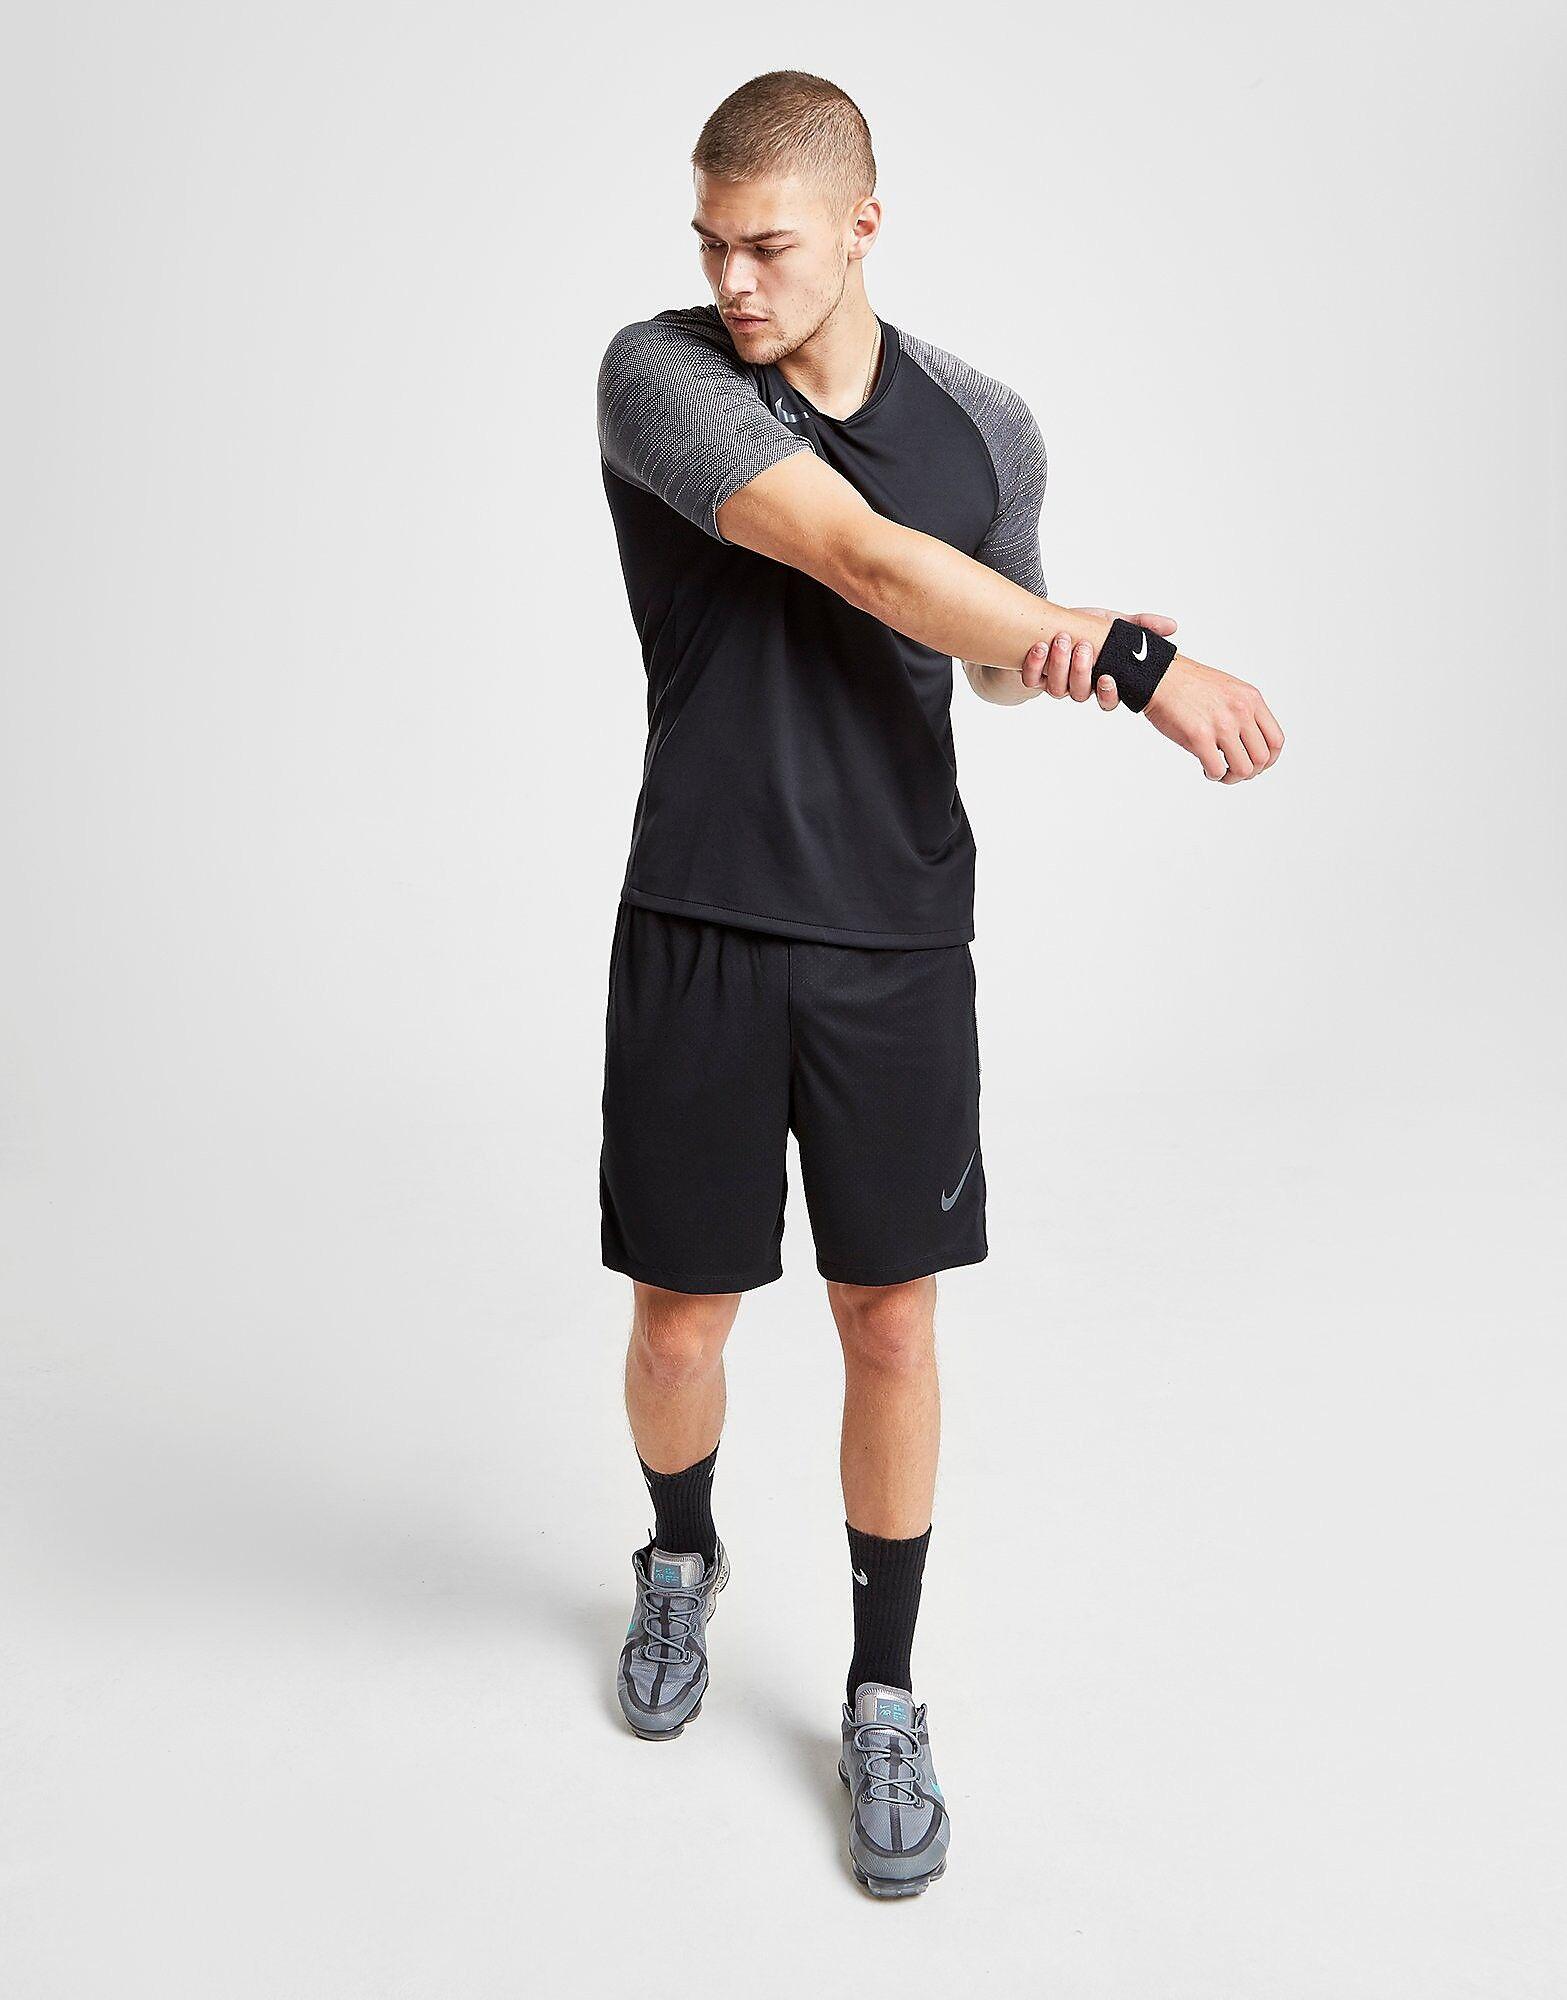 Image of Nike Strike Shorts - Mens, Musta